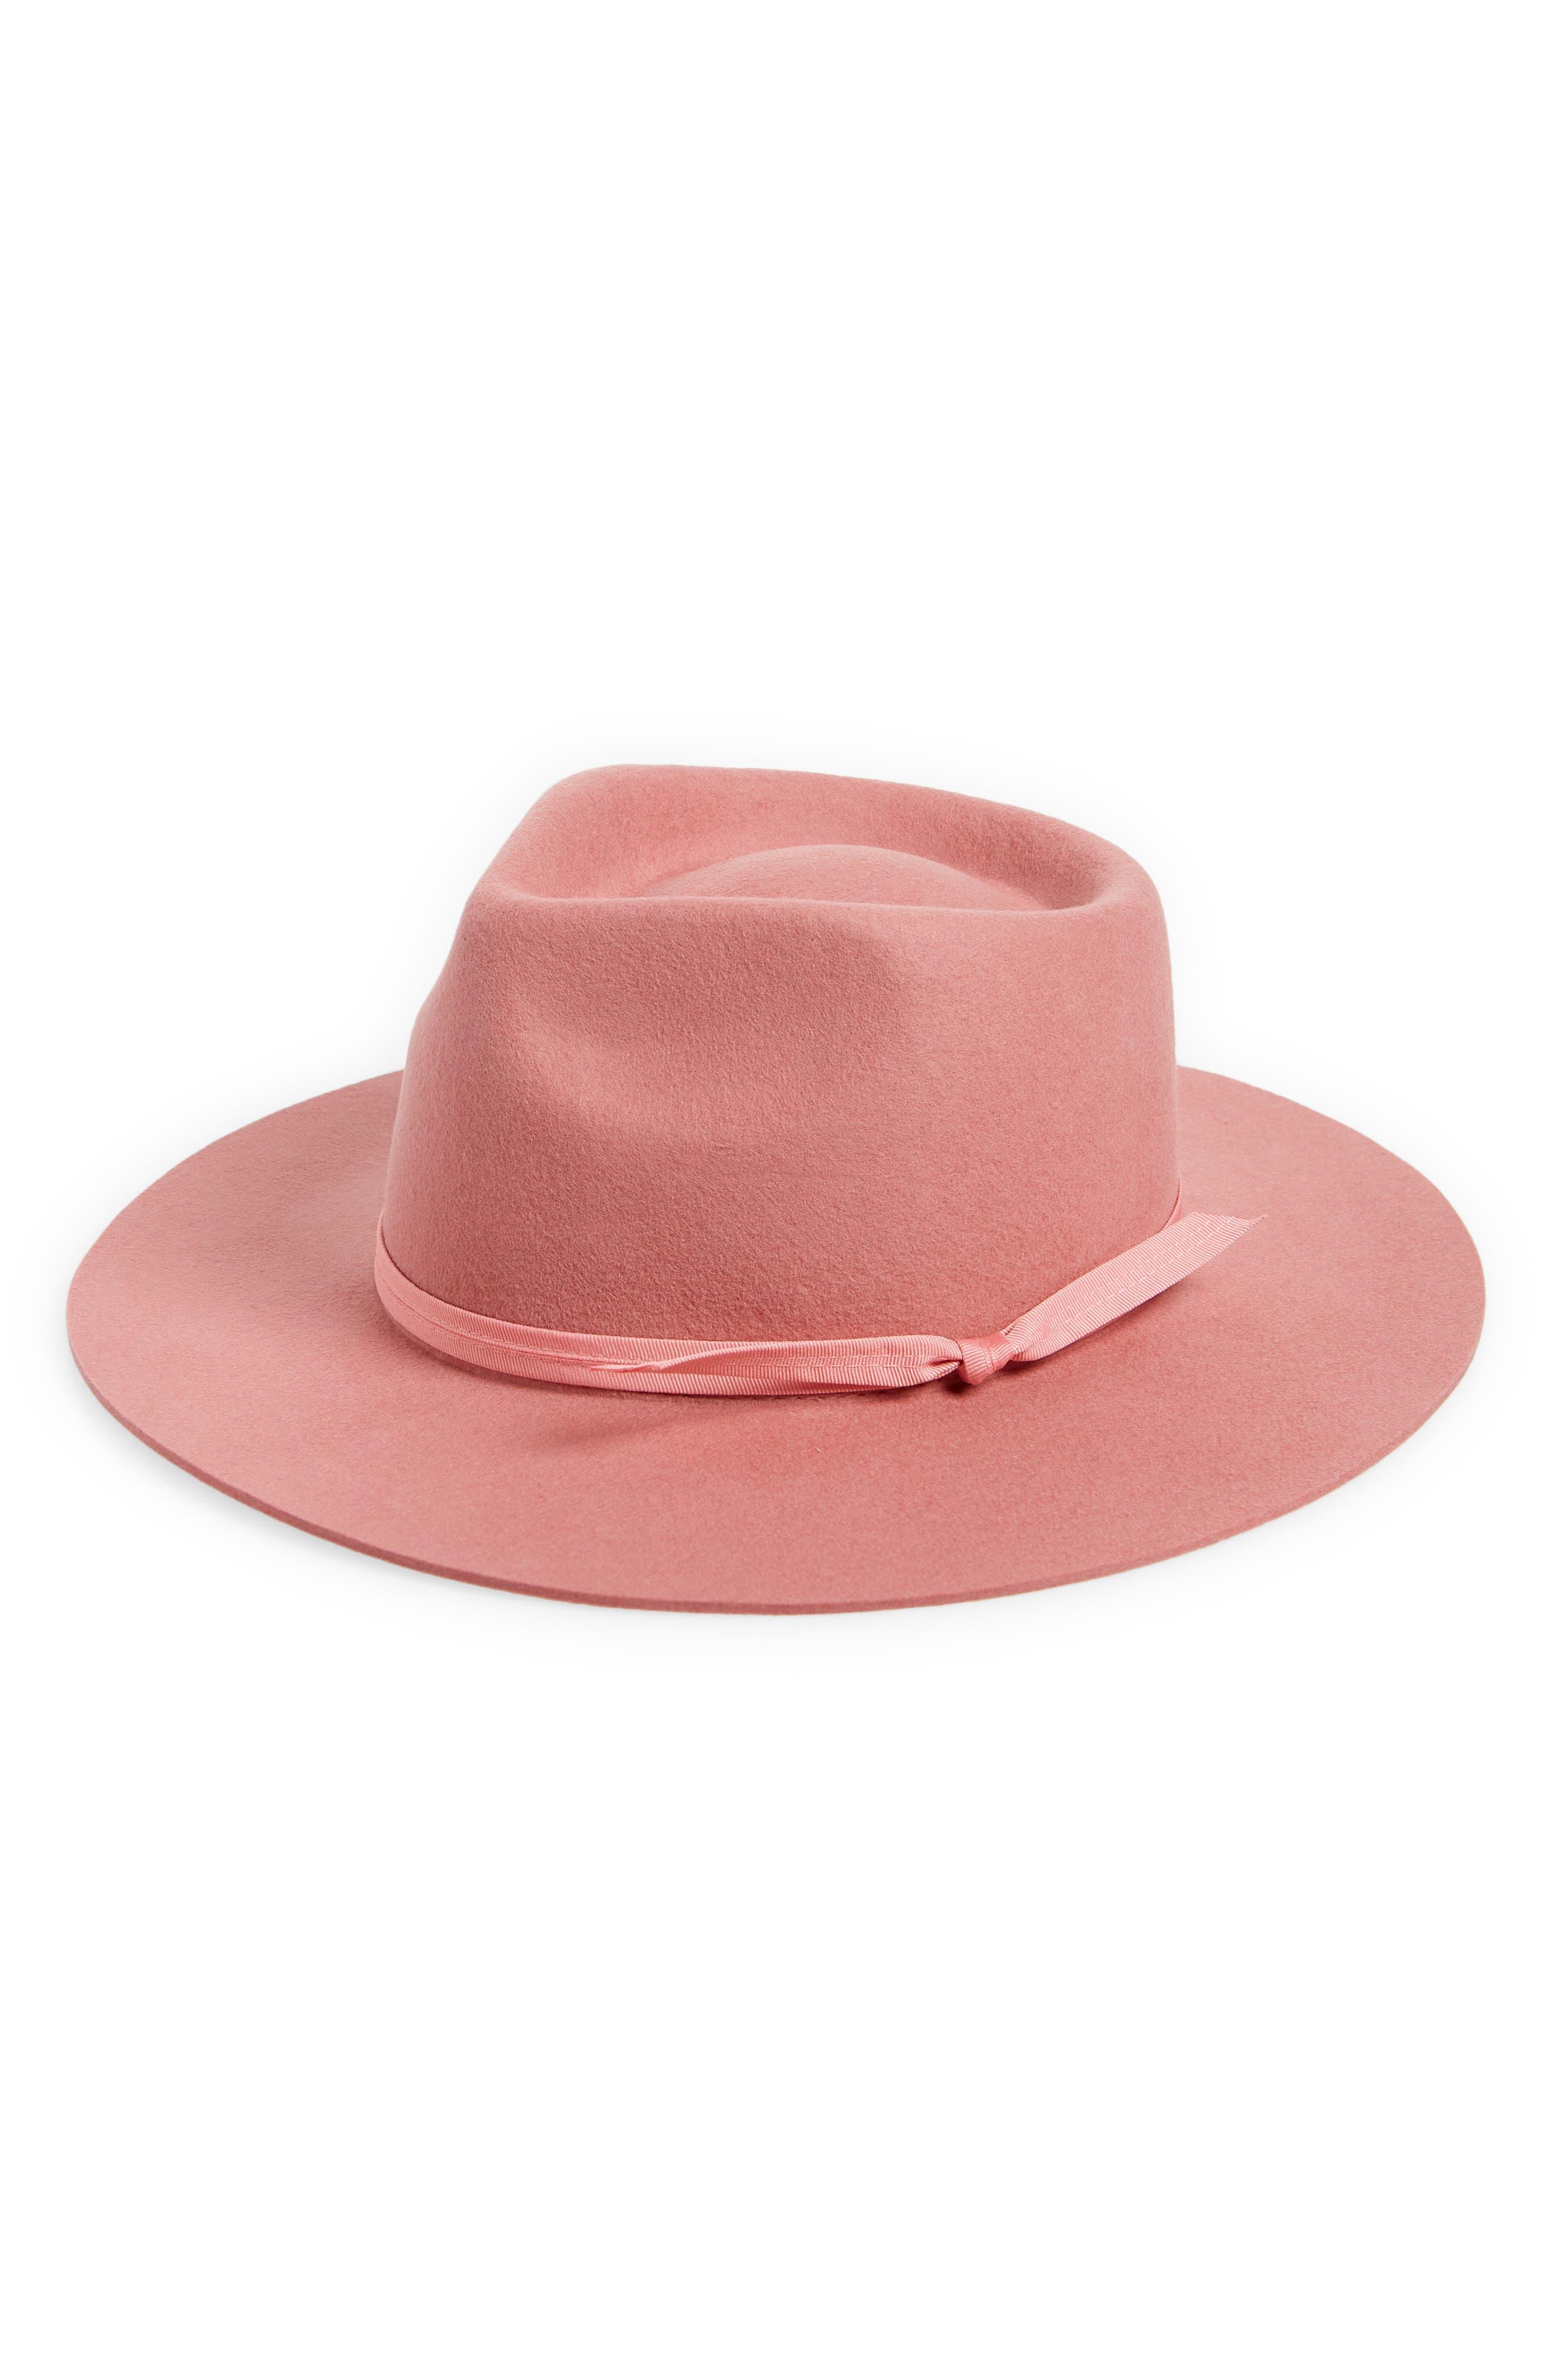 Zulu Fedora Hat